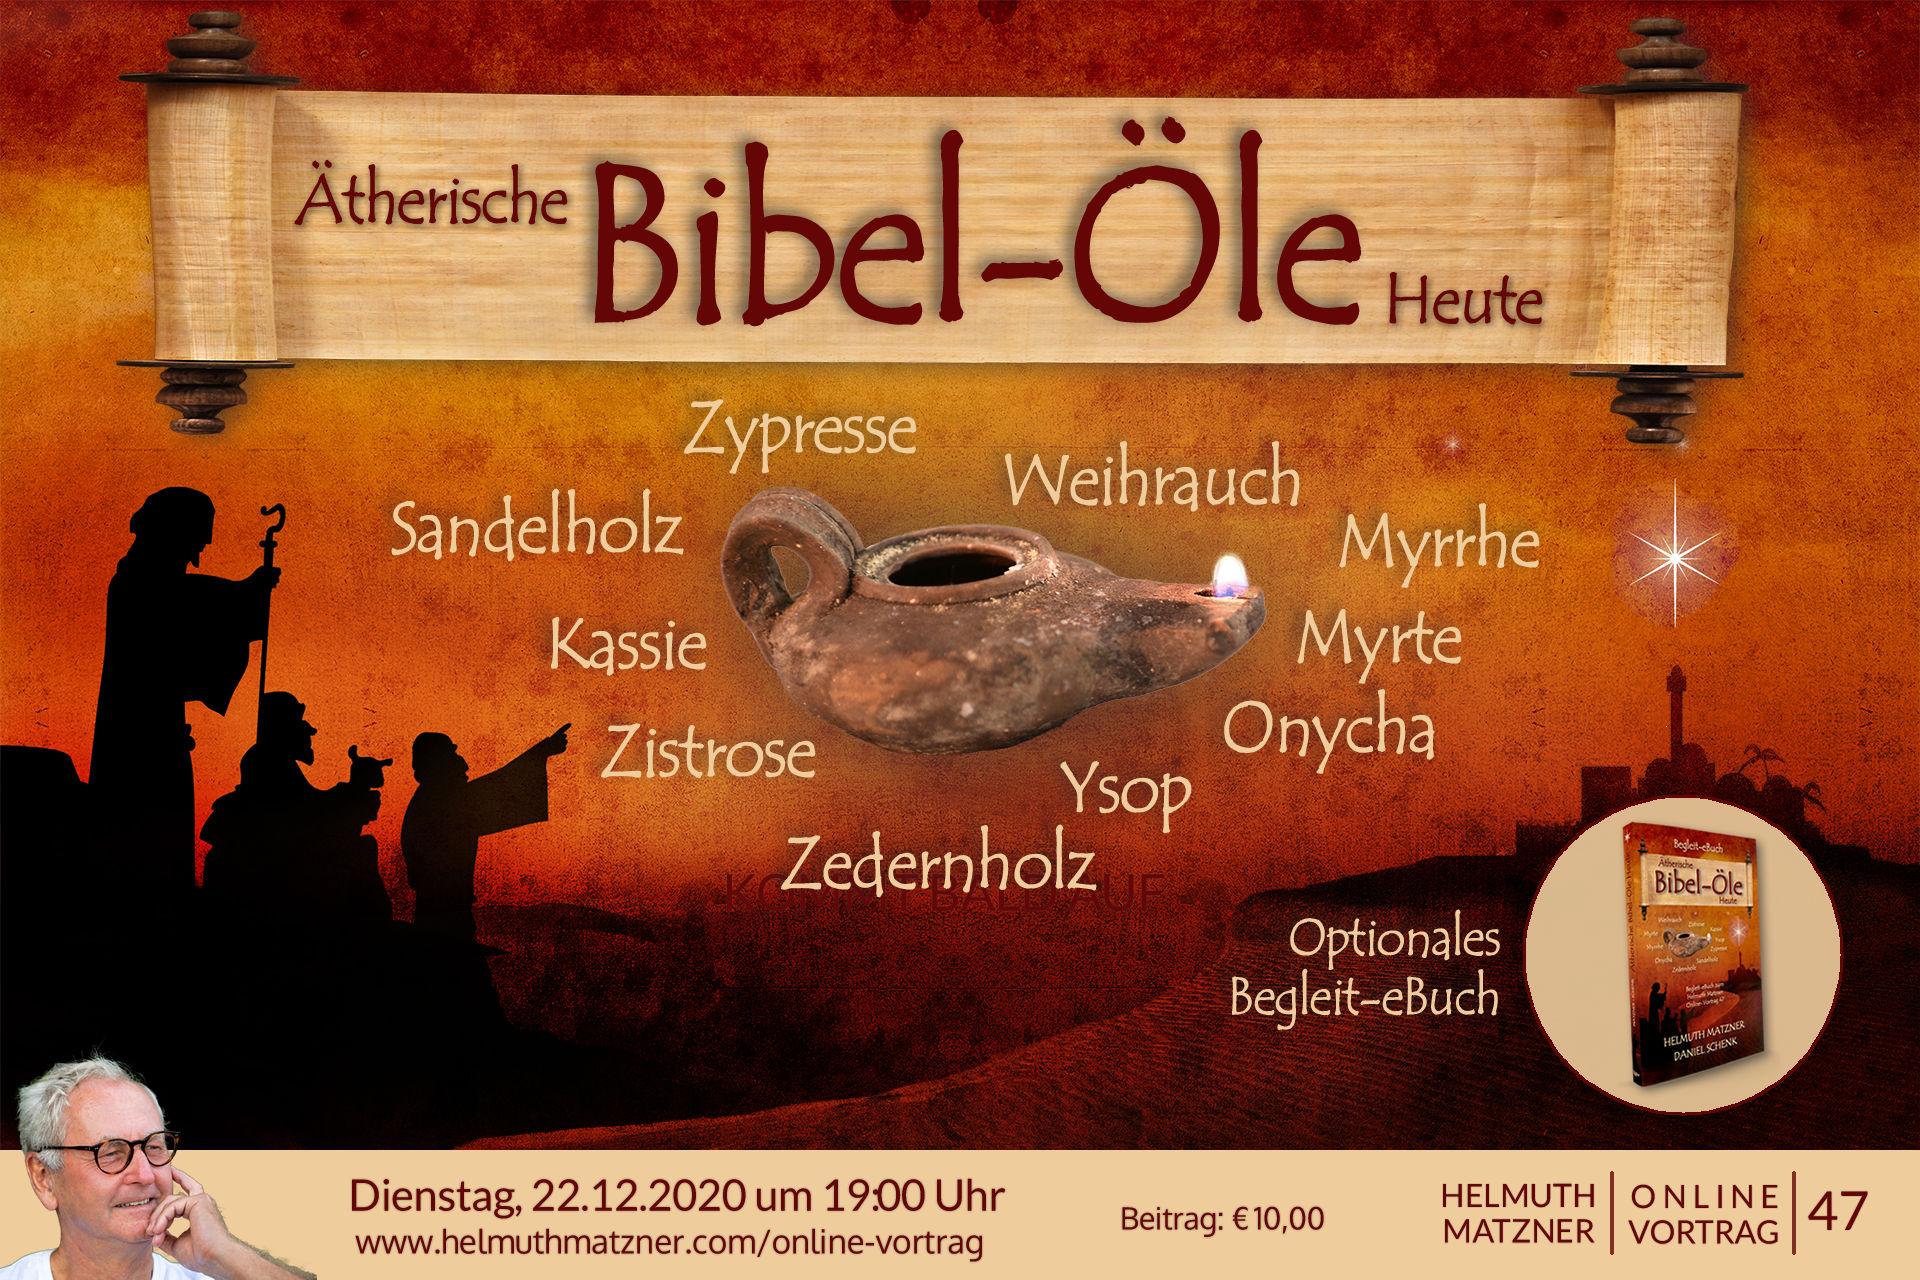 Helmuth Matzner - Online-Vortrag 47 - Bibel-Öle - Banner v01B